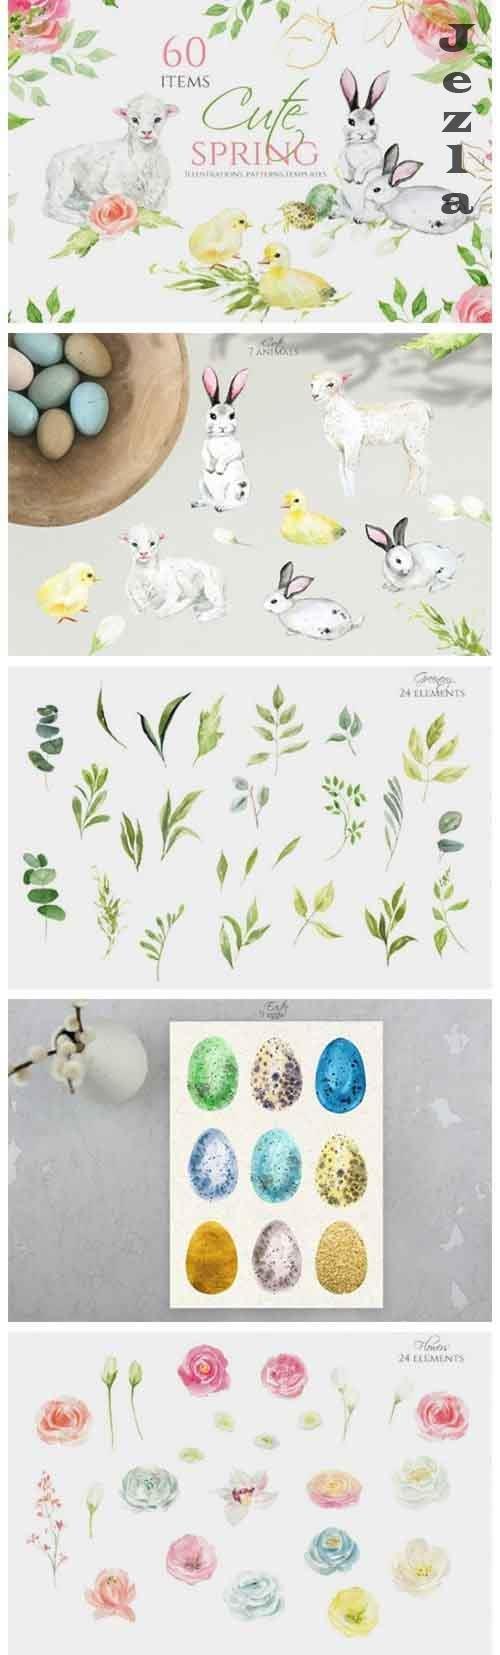 Cute spring clipart - 1205564